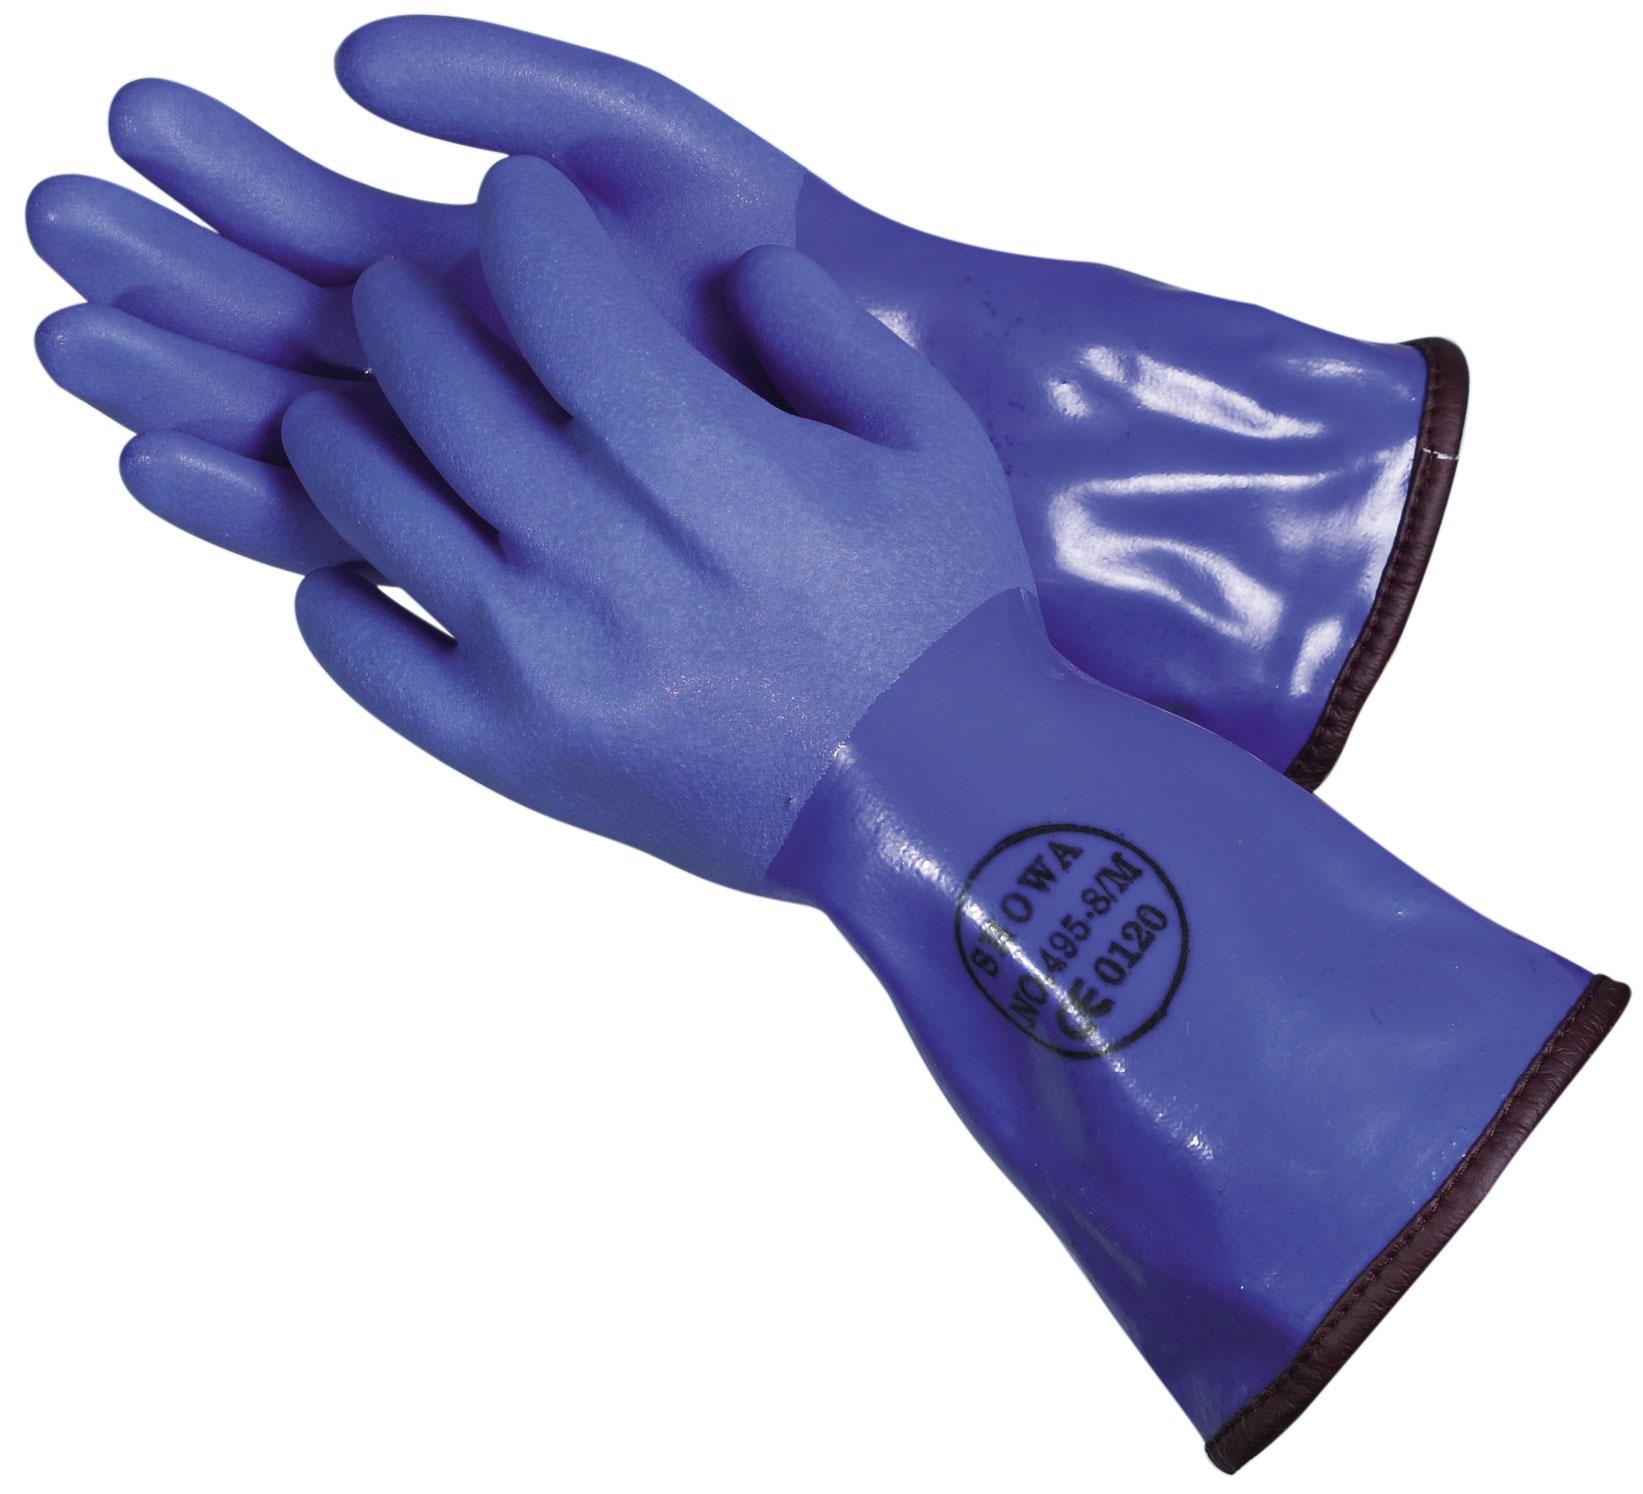 Tauchhandschuh für Trockentauchanzug   mit Ringsystem